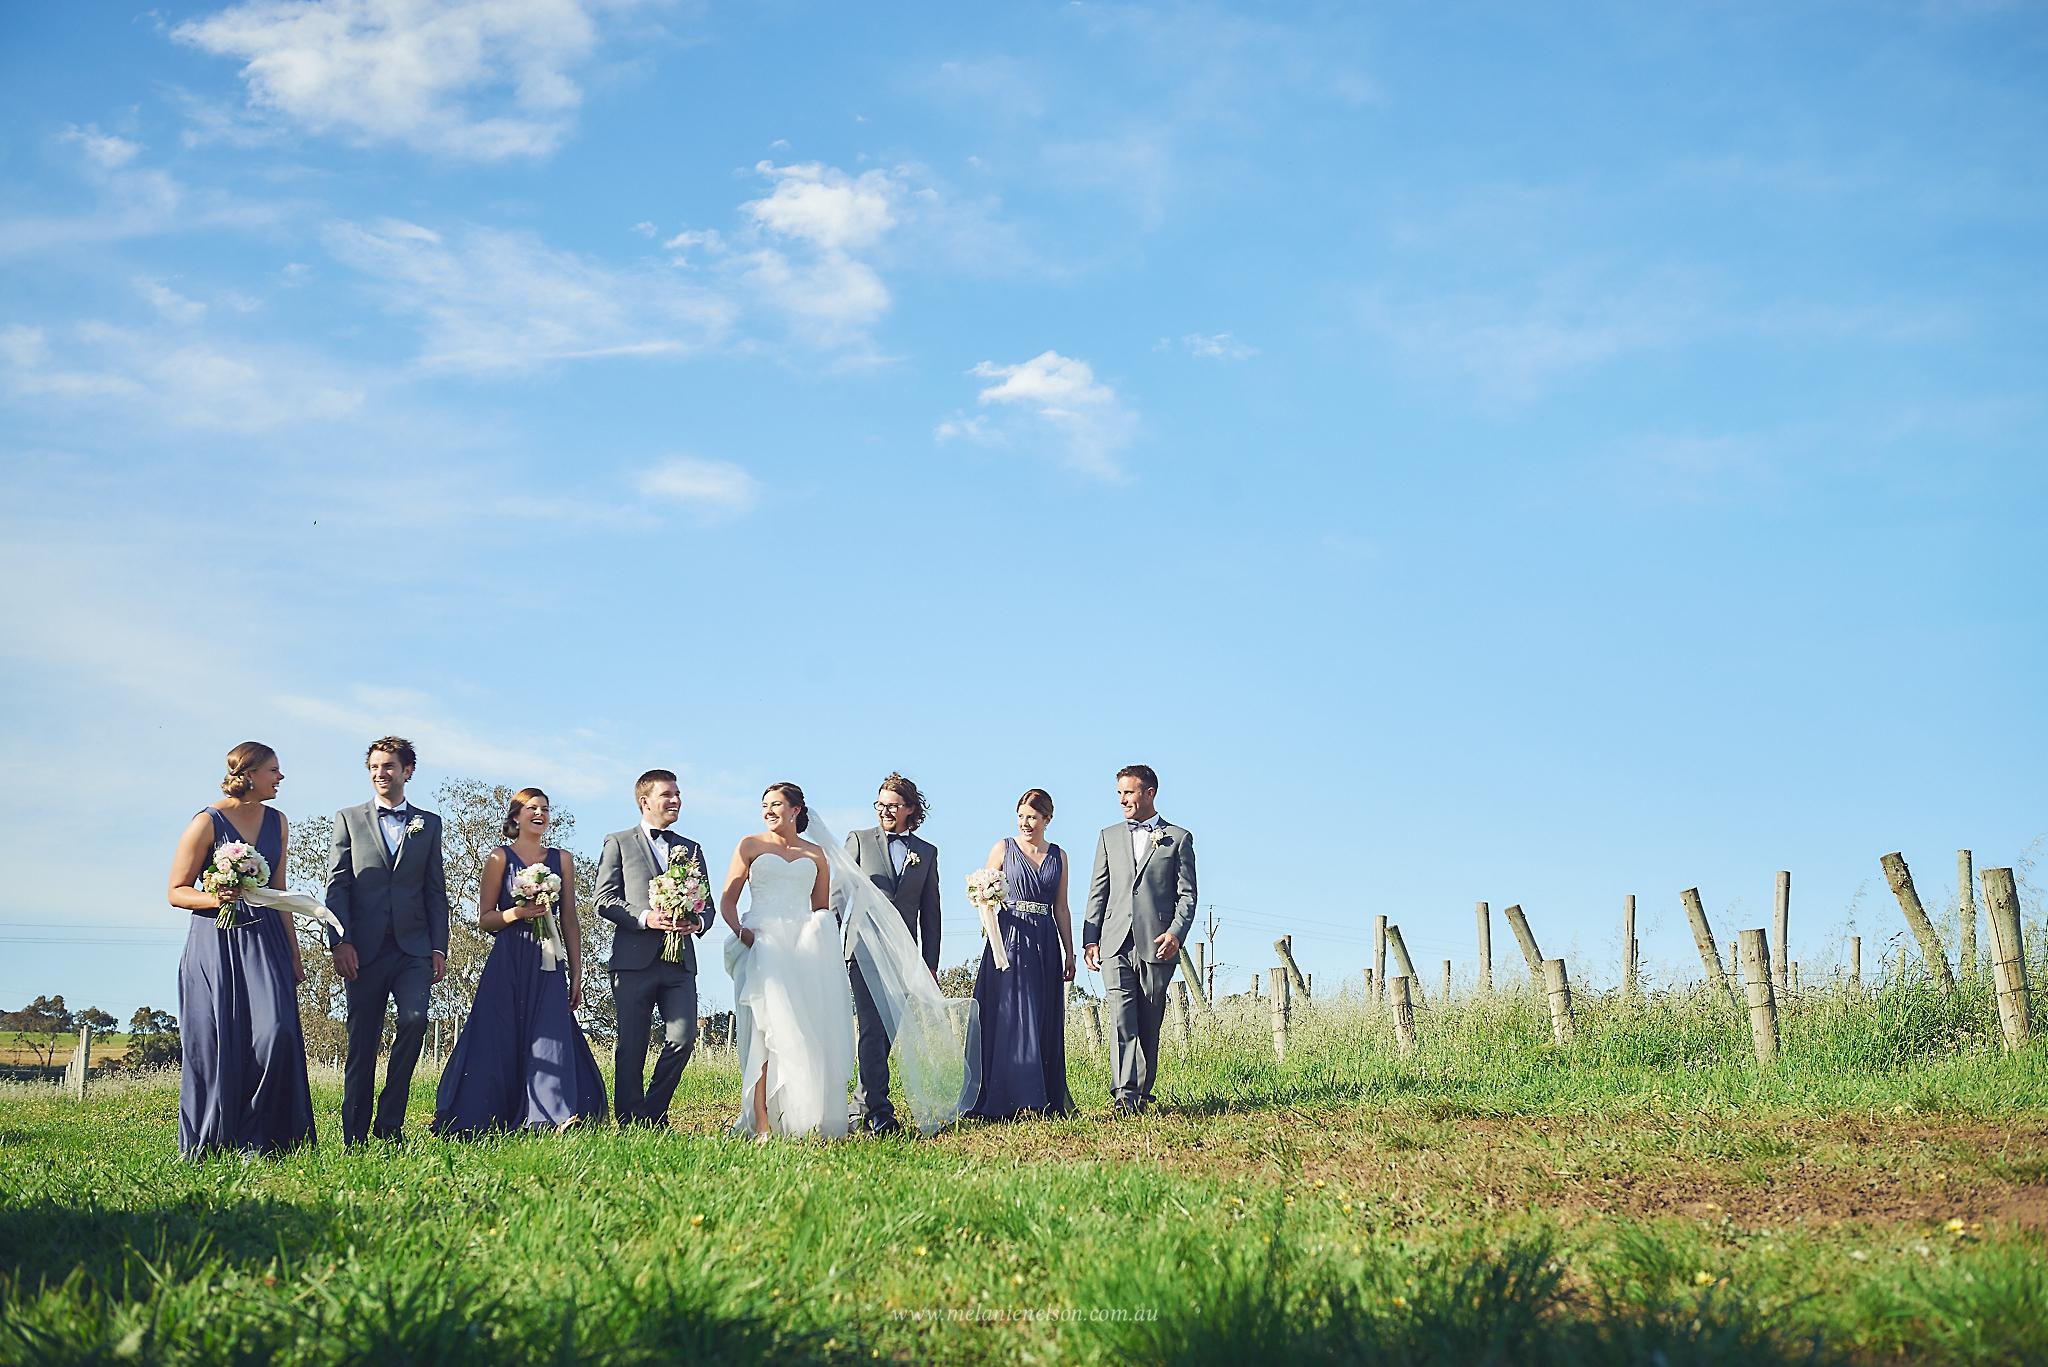 howards_vineyard_wedding_0013.jpg